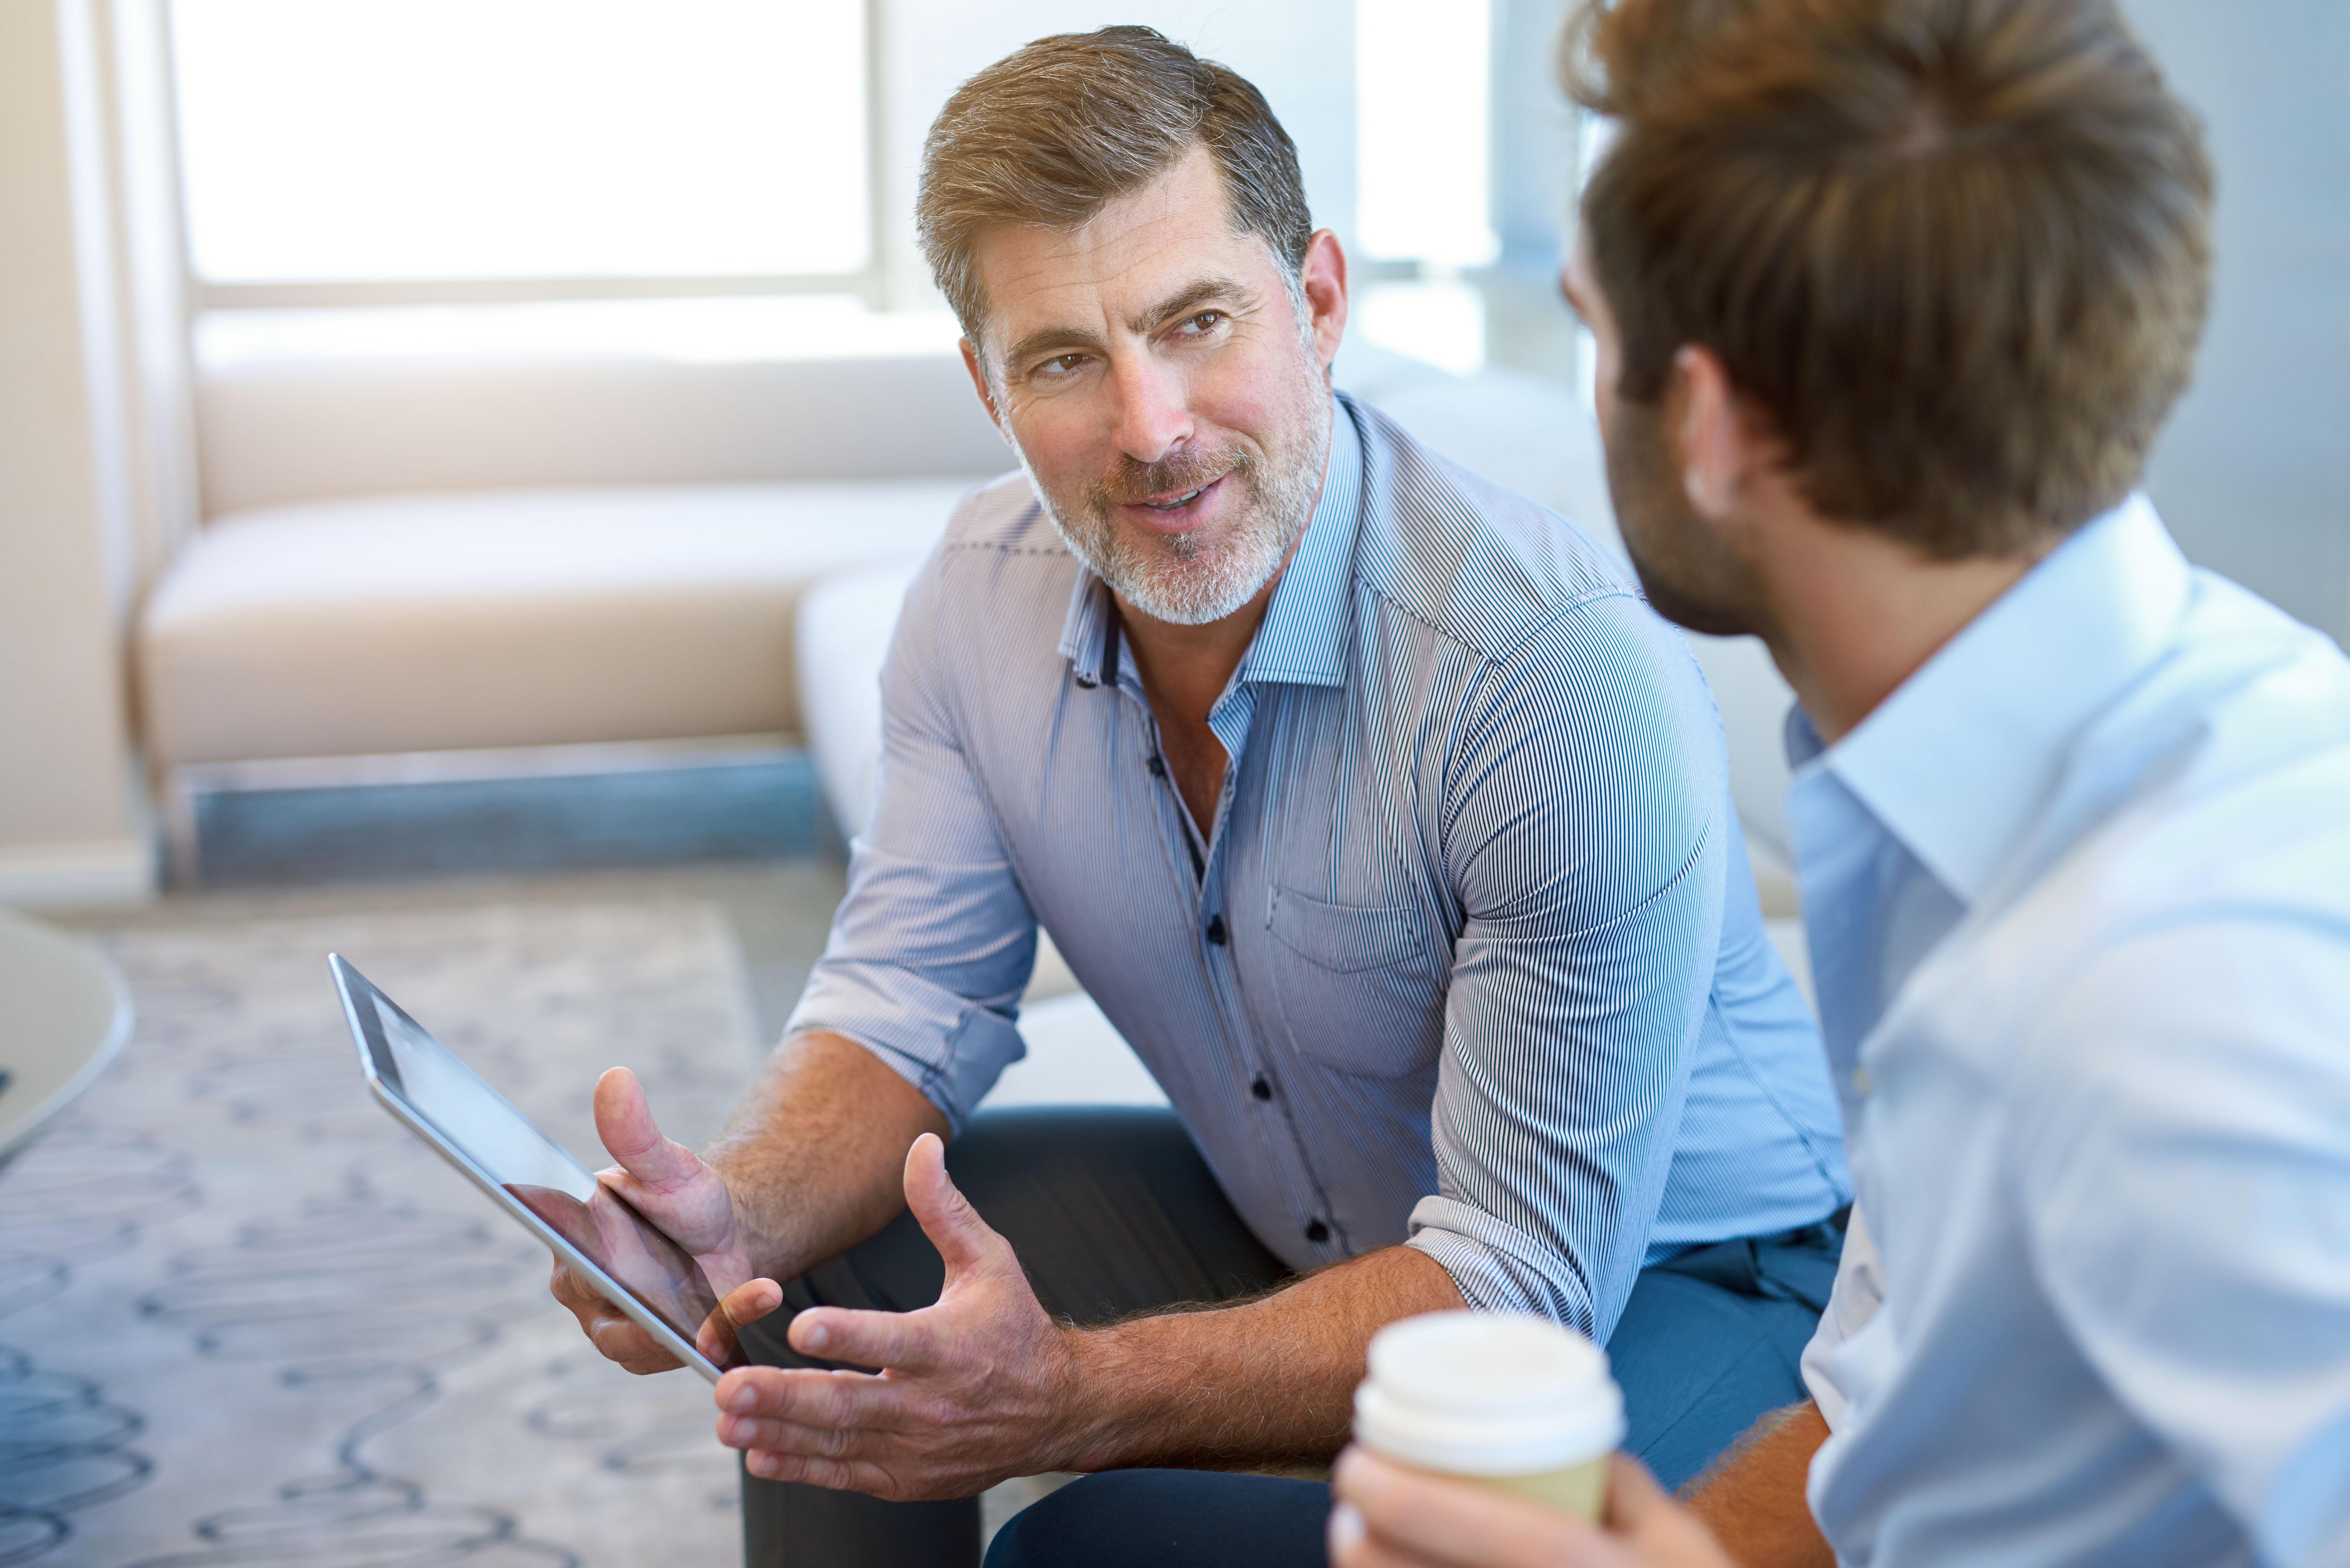 Gespräch unter Arbeitskollegen